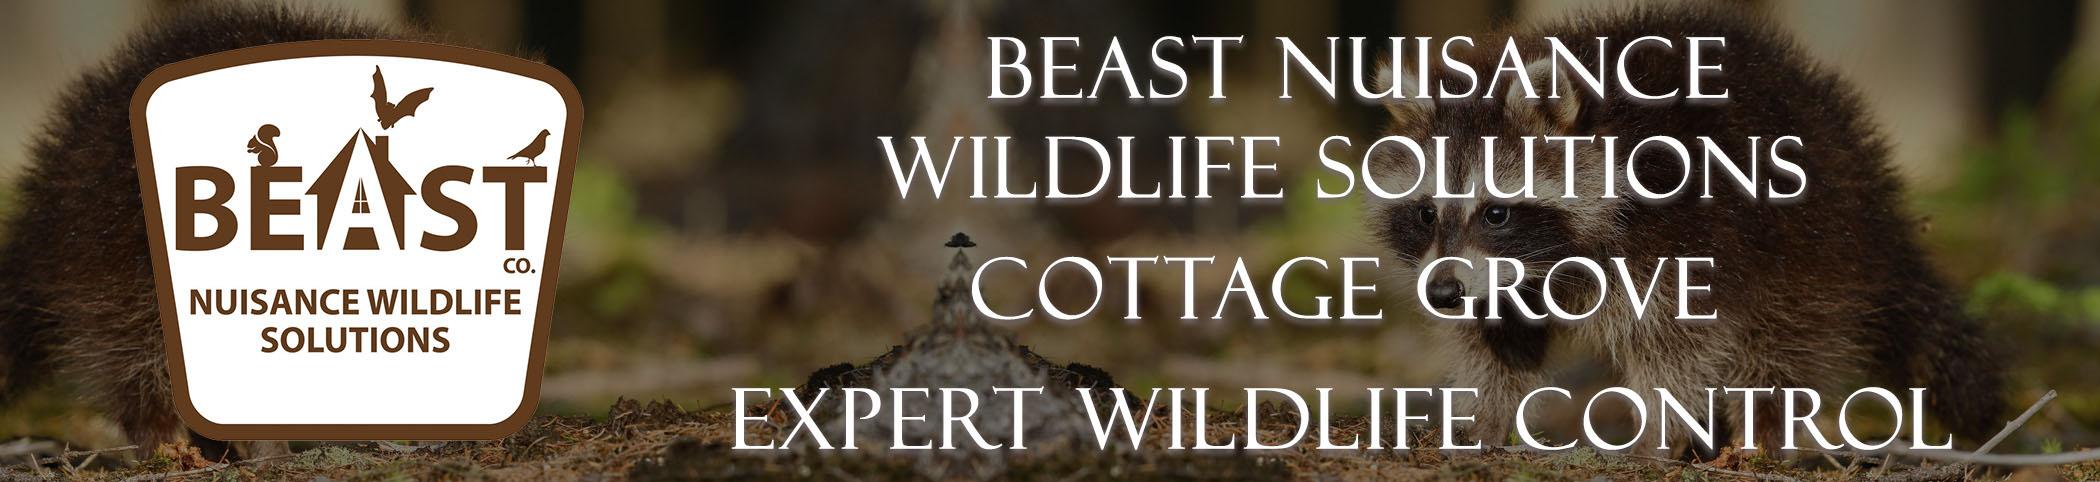 beast_headers_cottage_grove